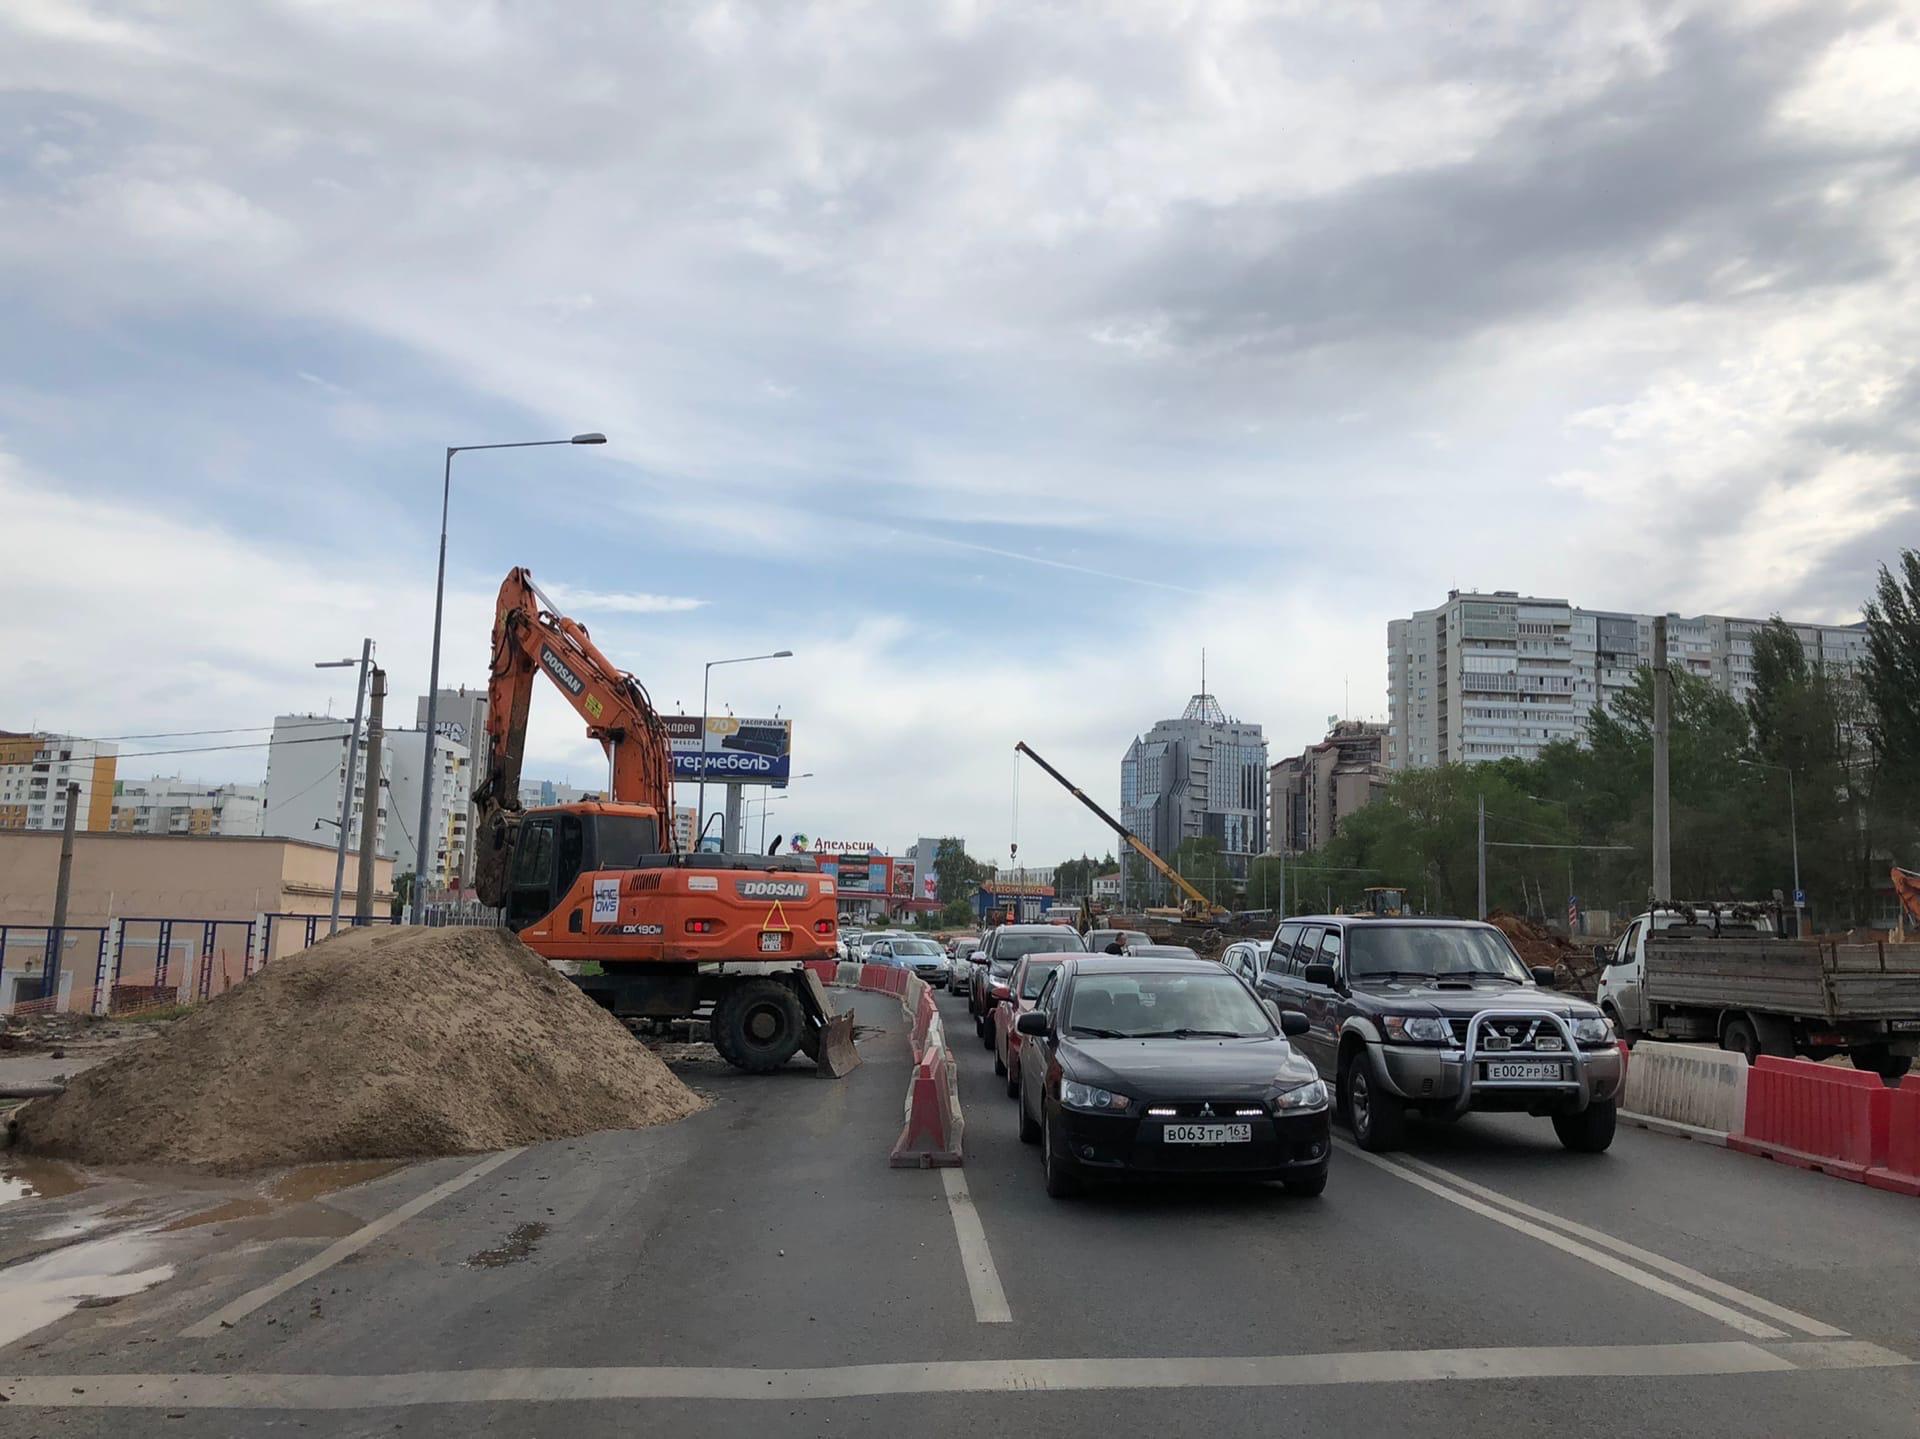 Блогер заснял ограничение движения на пересечении улиц Ново-Садовой и Советской Армии в Самаре